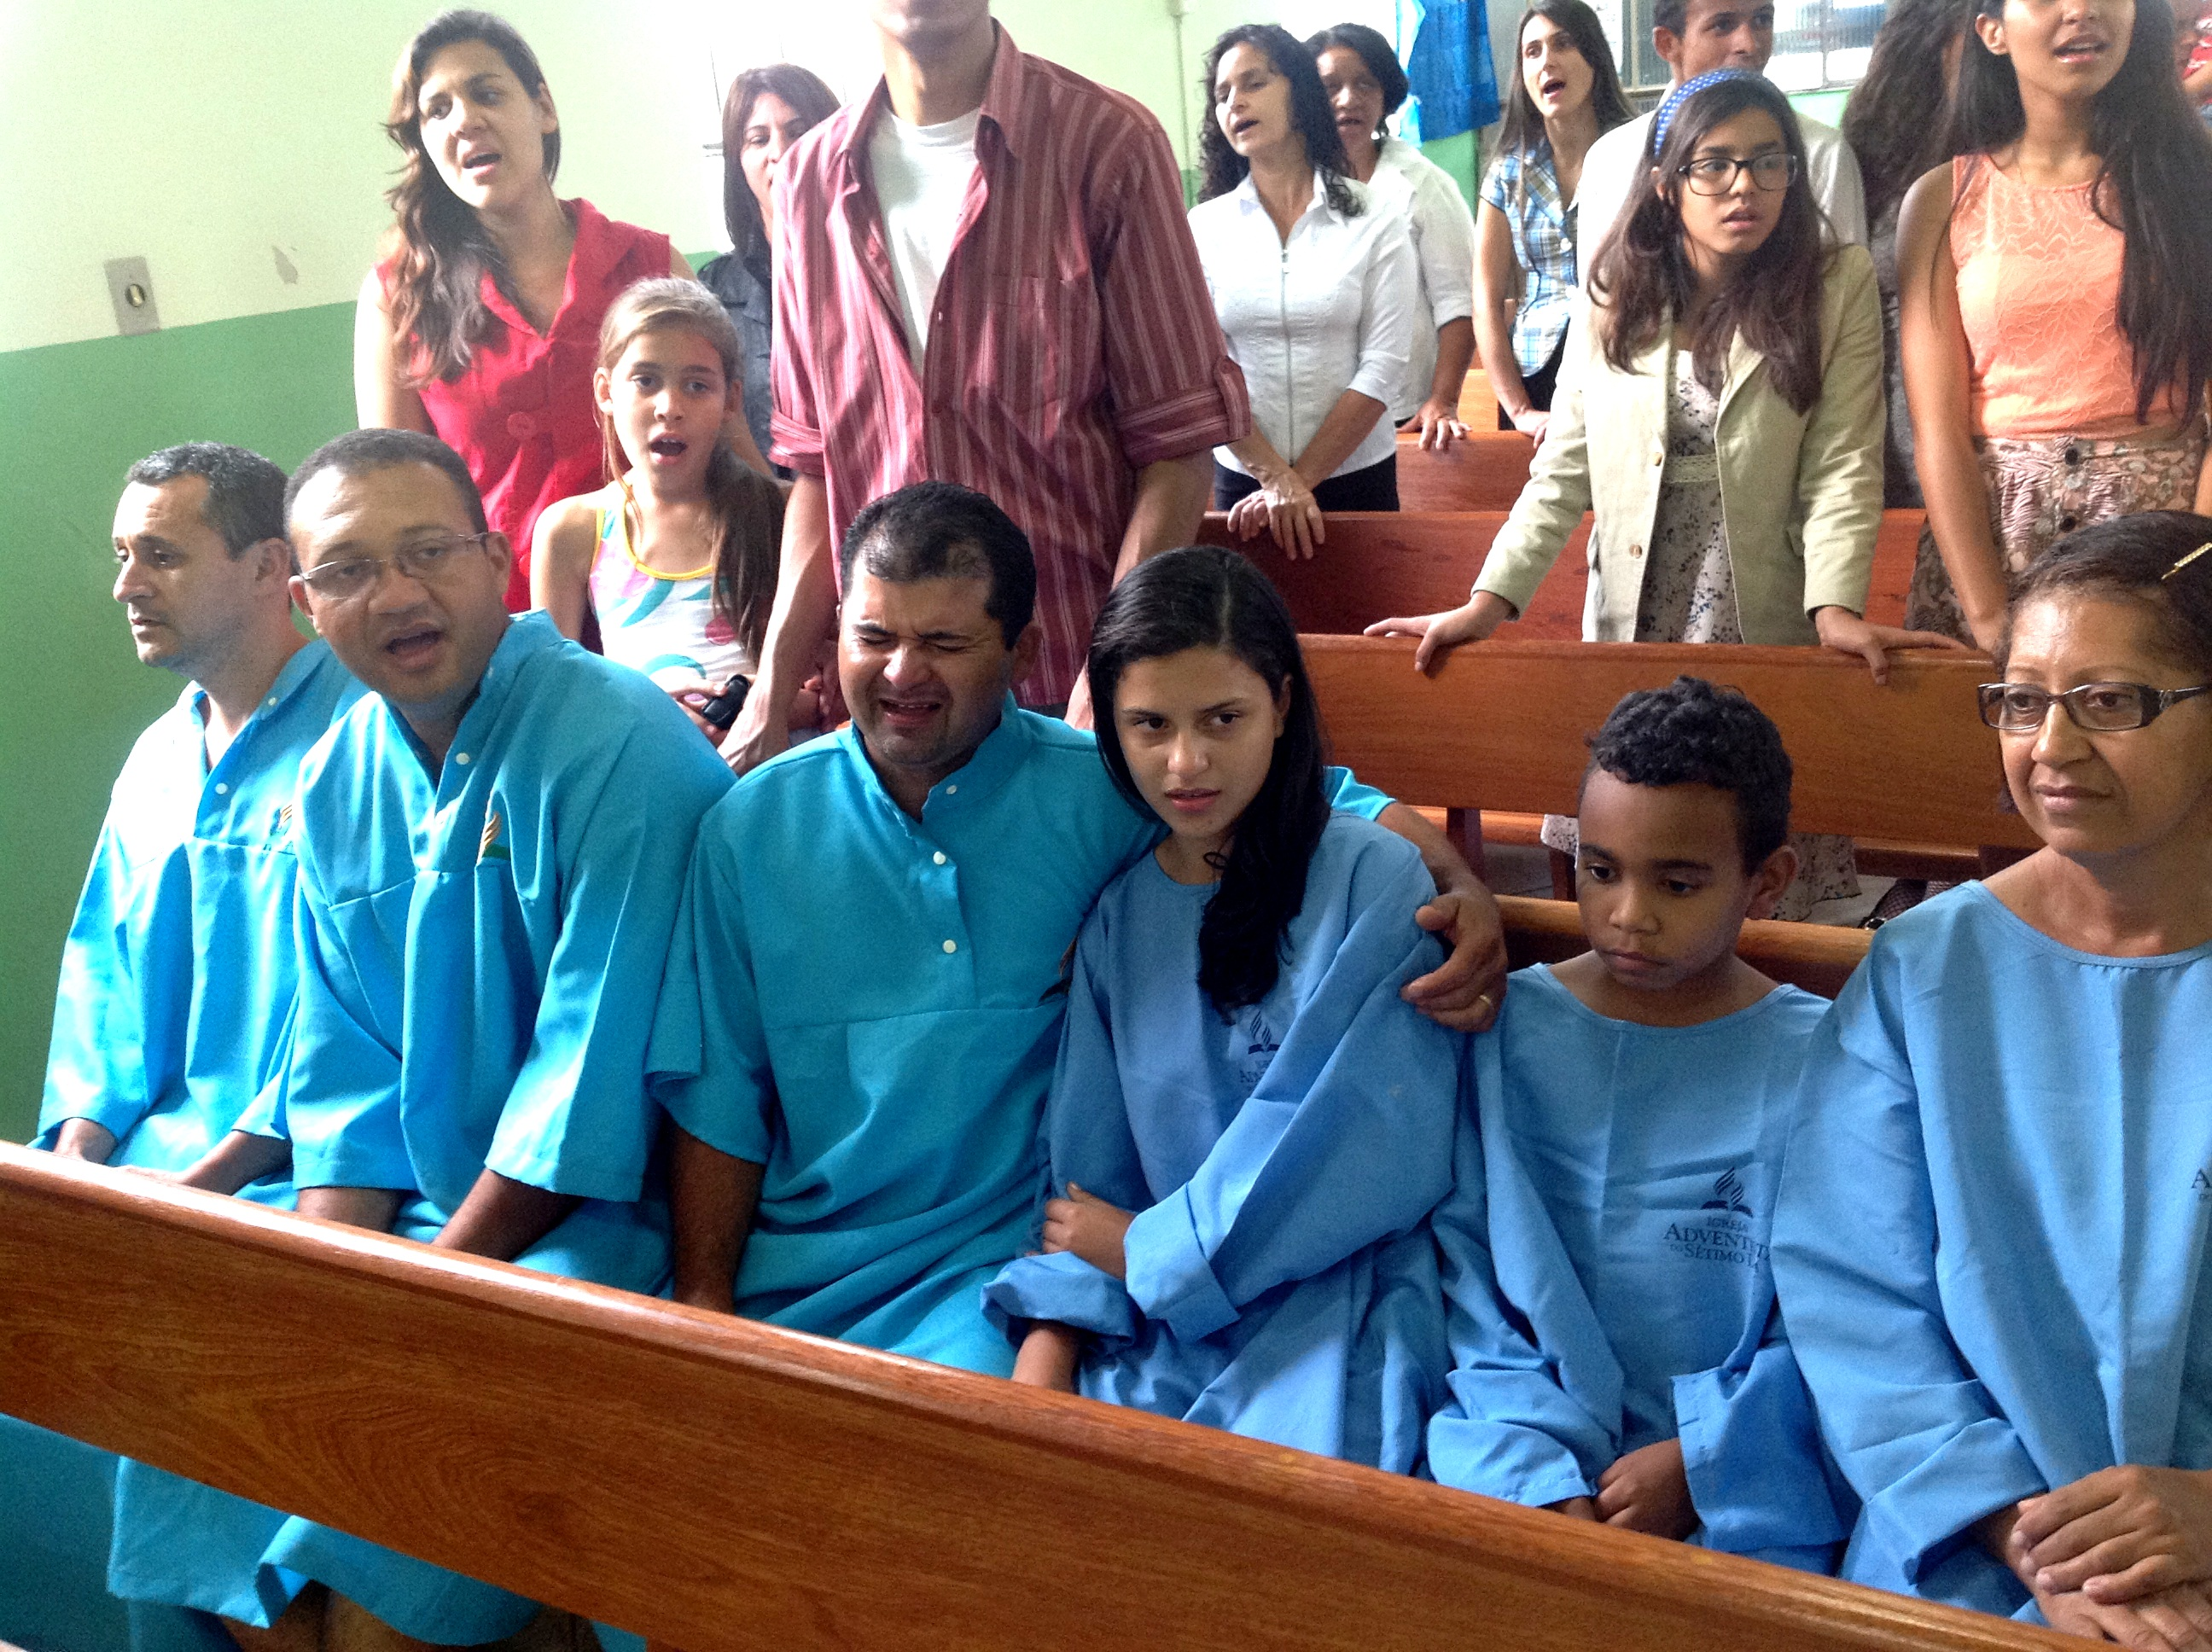 batismo-barreiro